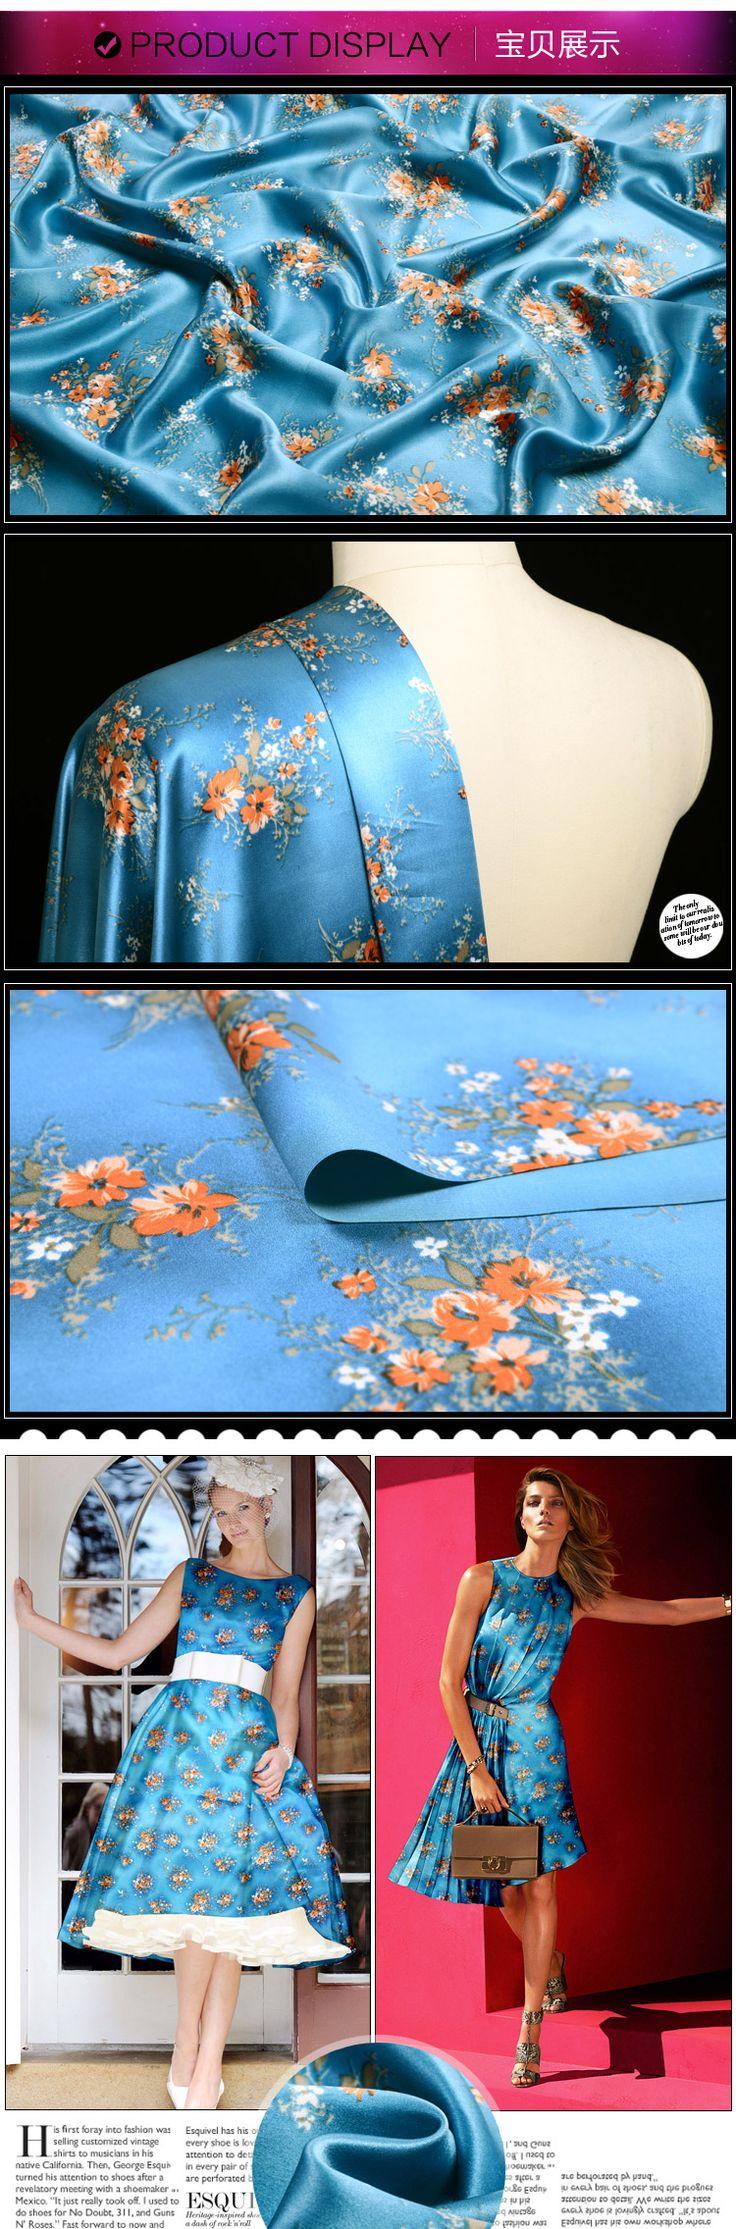 Aliexpress.com: Купить Heavy шелковый креп ткани моды атласной ткани цветочный принт голубой 25mumi от надежных печатных алюминия бутылки с водой поставщиков на мире ткань в.